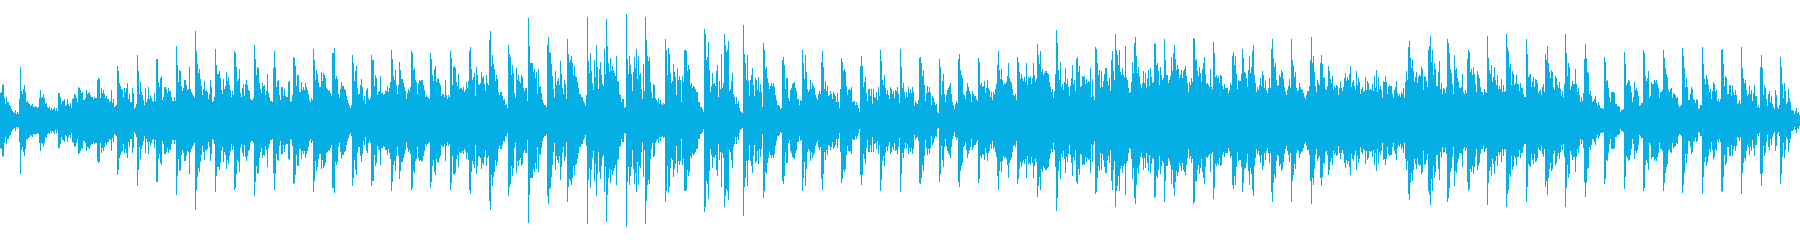 クラシック サスペンス 希望的 フ...の再生済みの波形